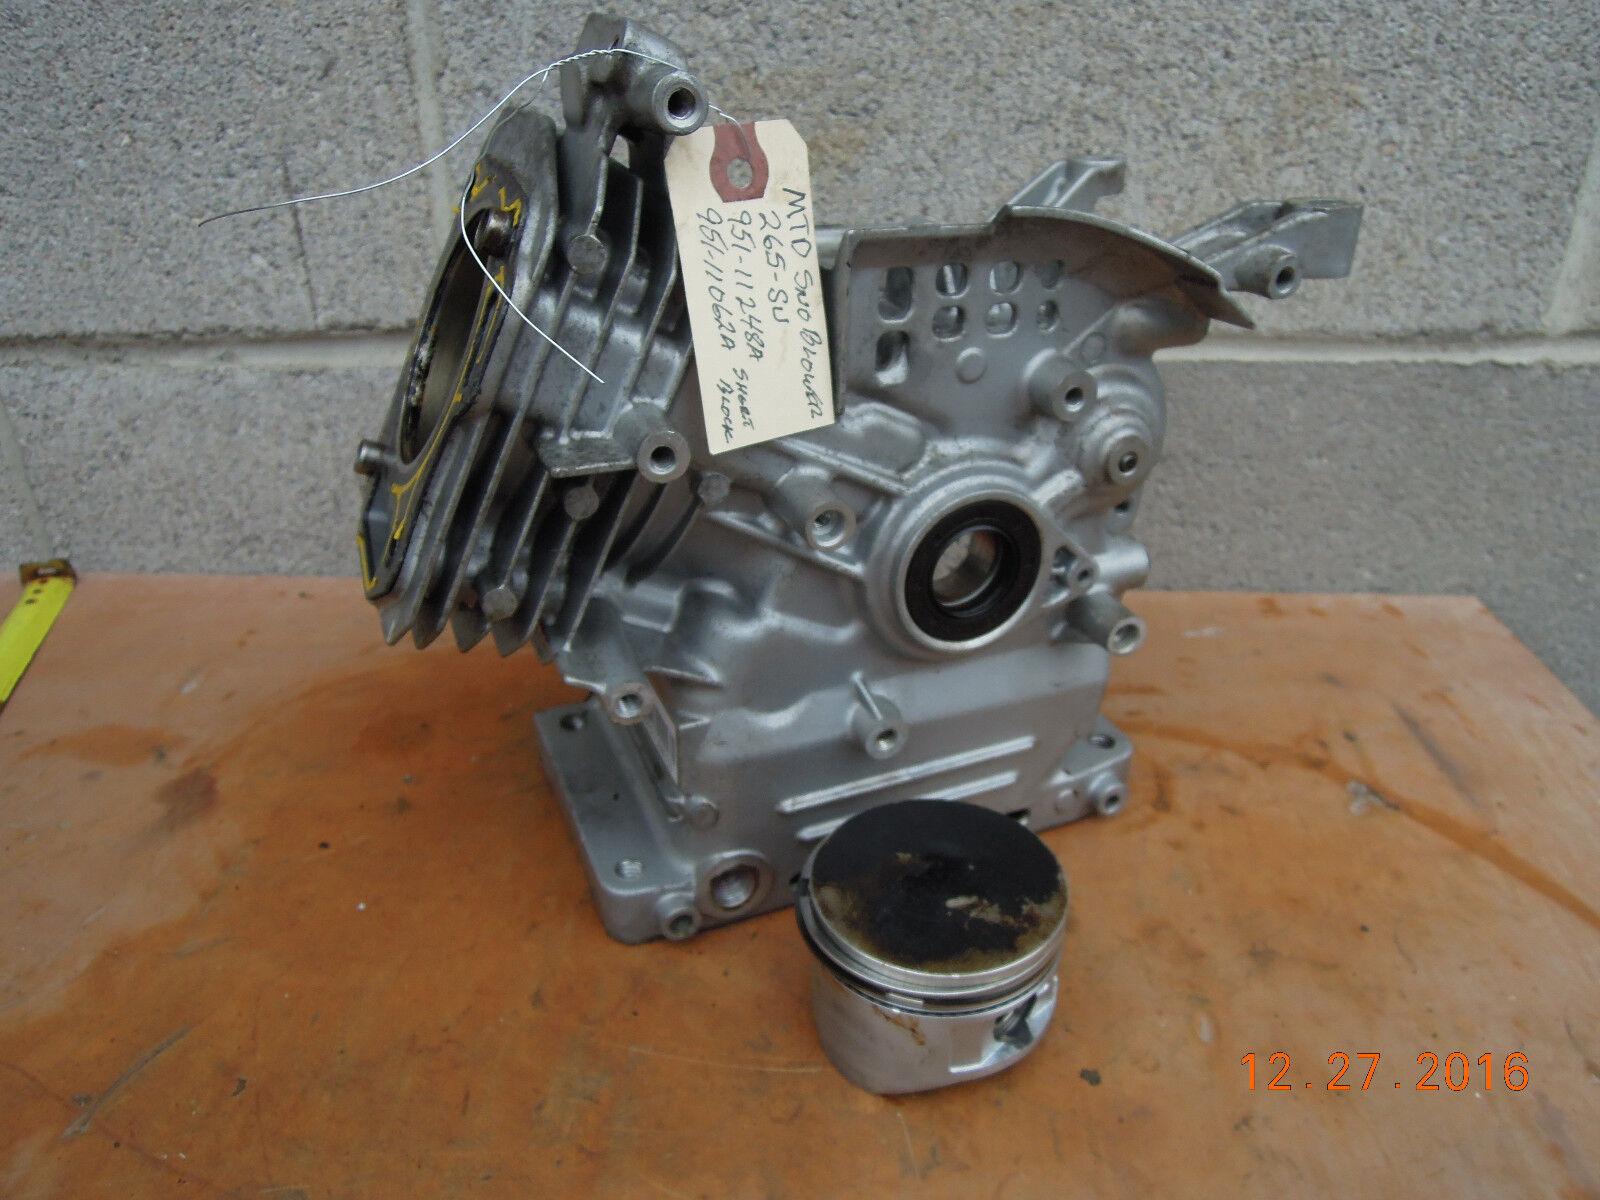 MTD Snowblower OHV del bloque del motor y pistón 265-SU